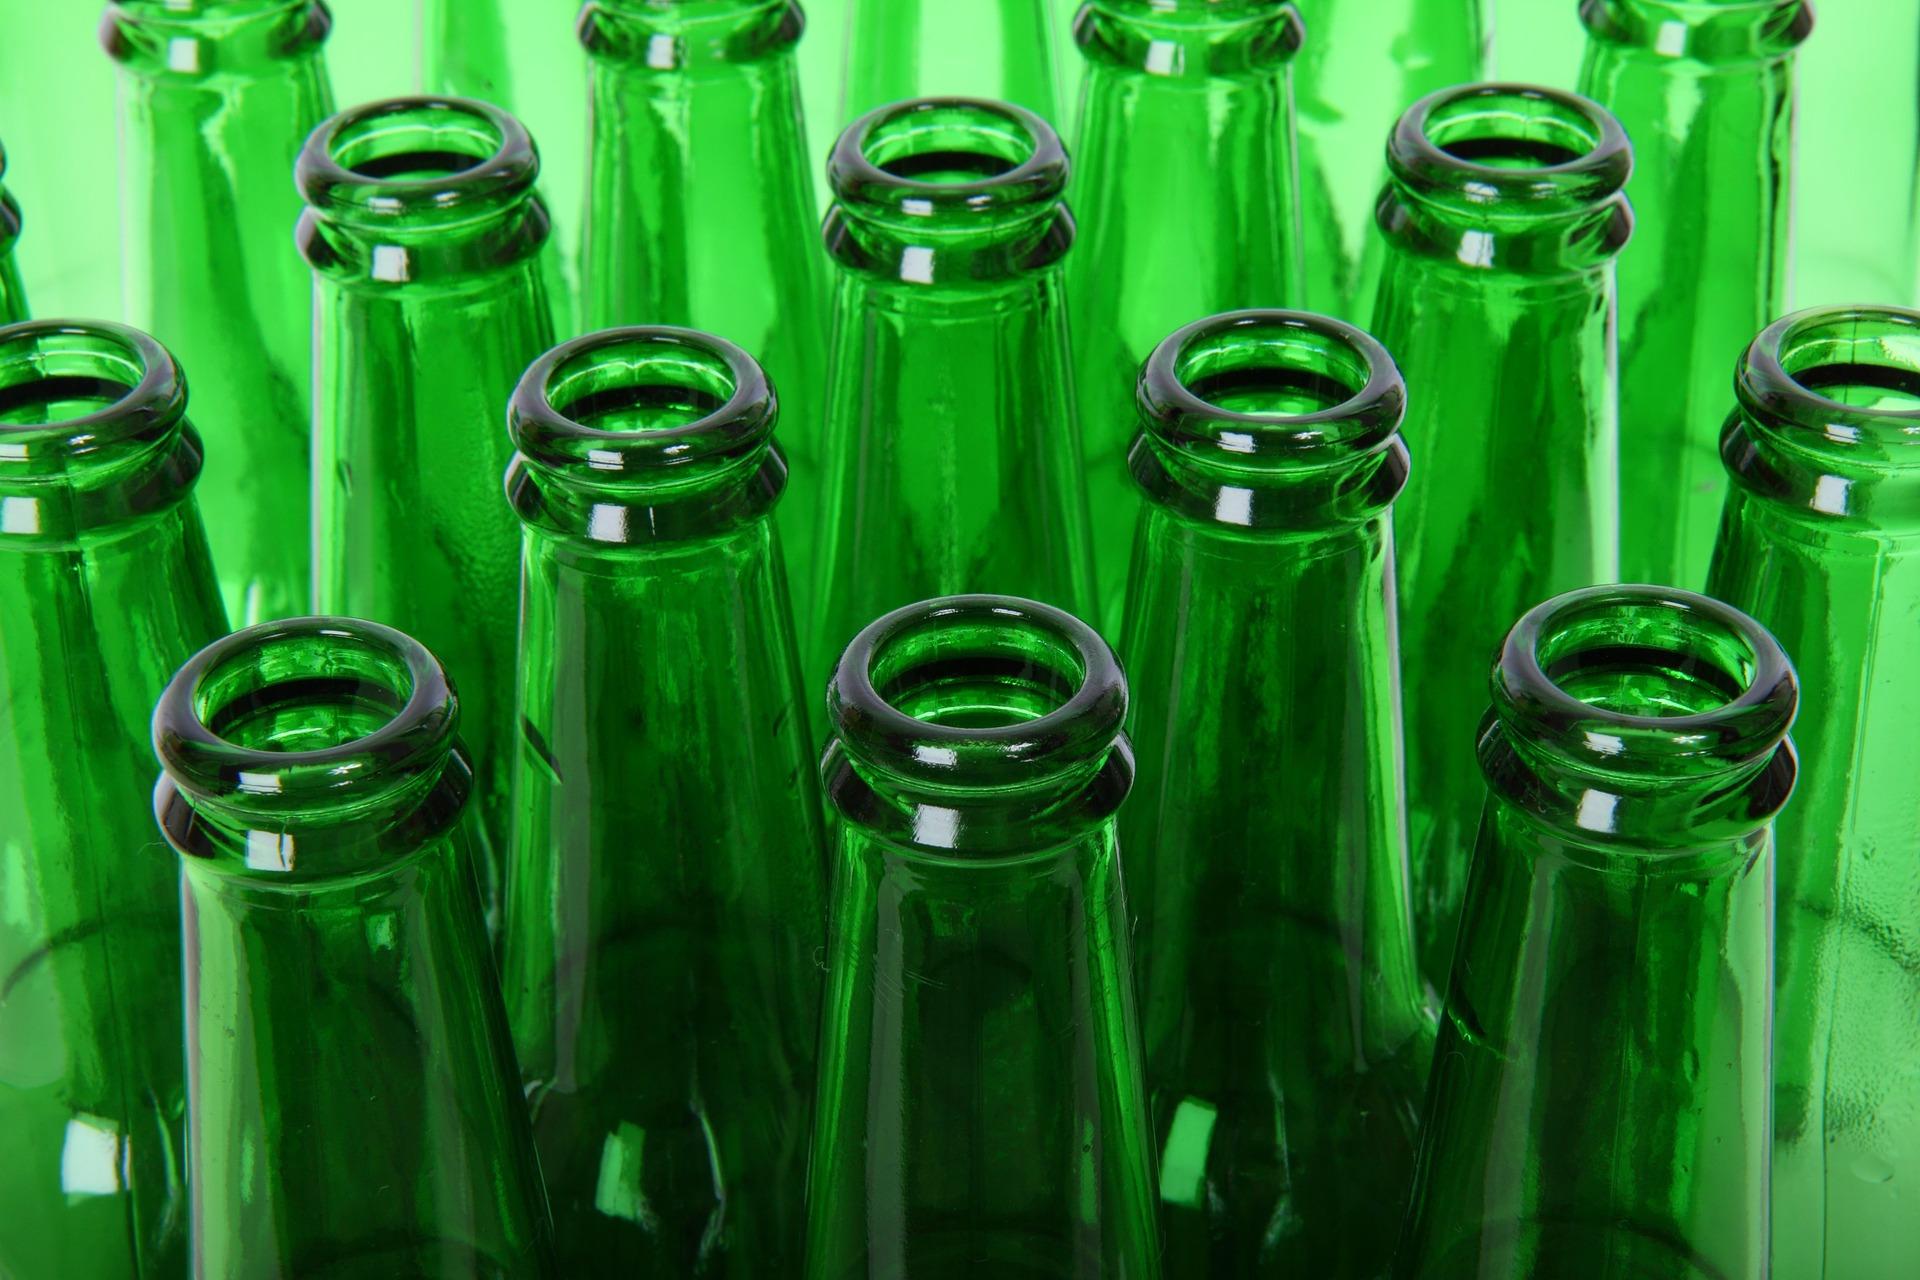 Pełny skład i liczba kalorii na każdej etykiecie piwa